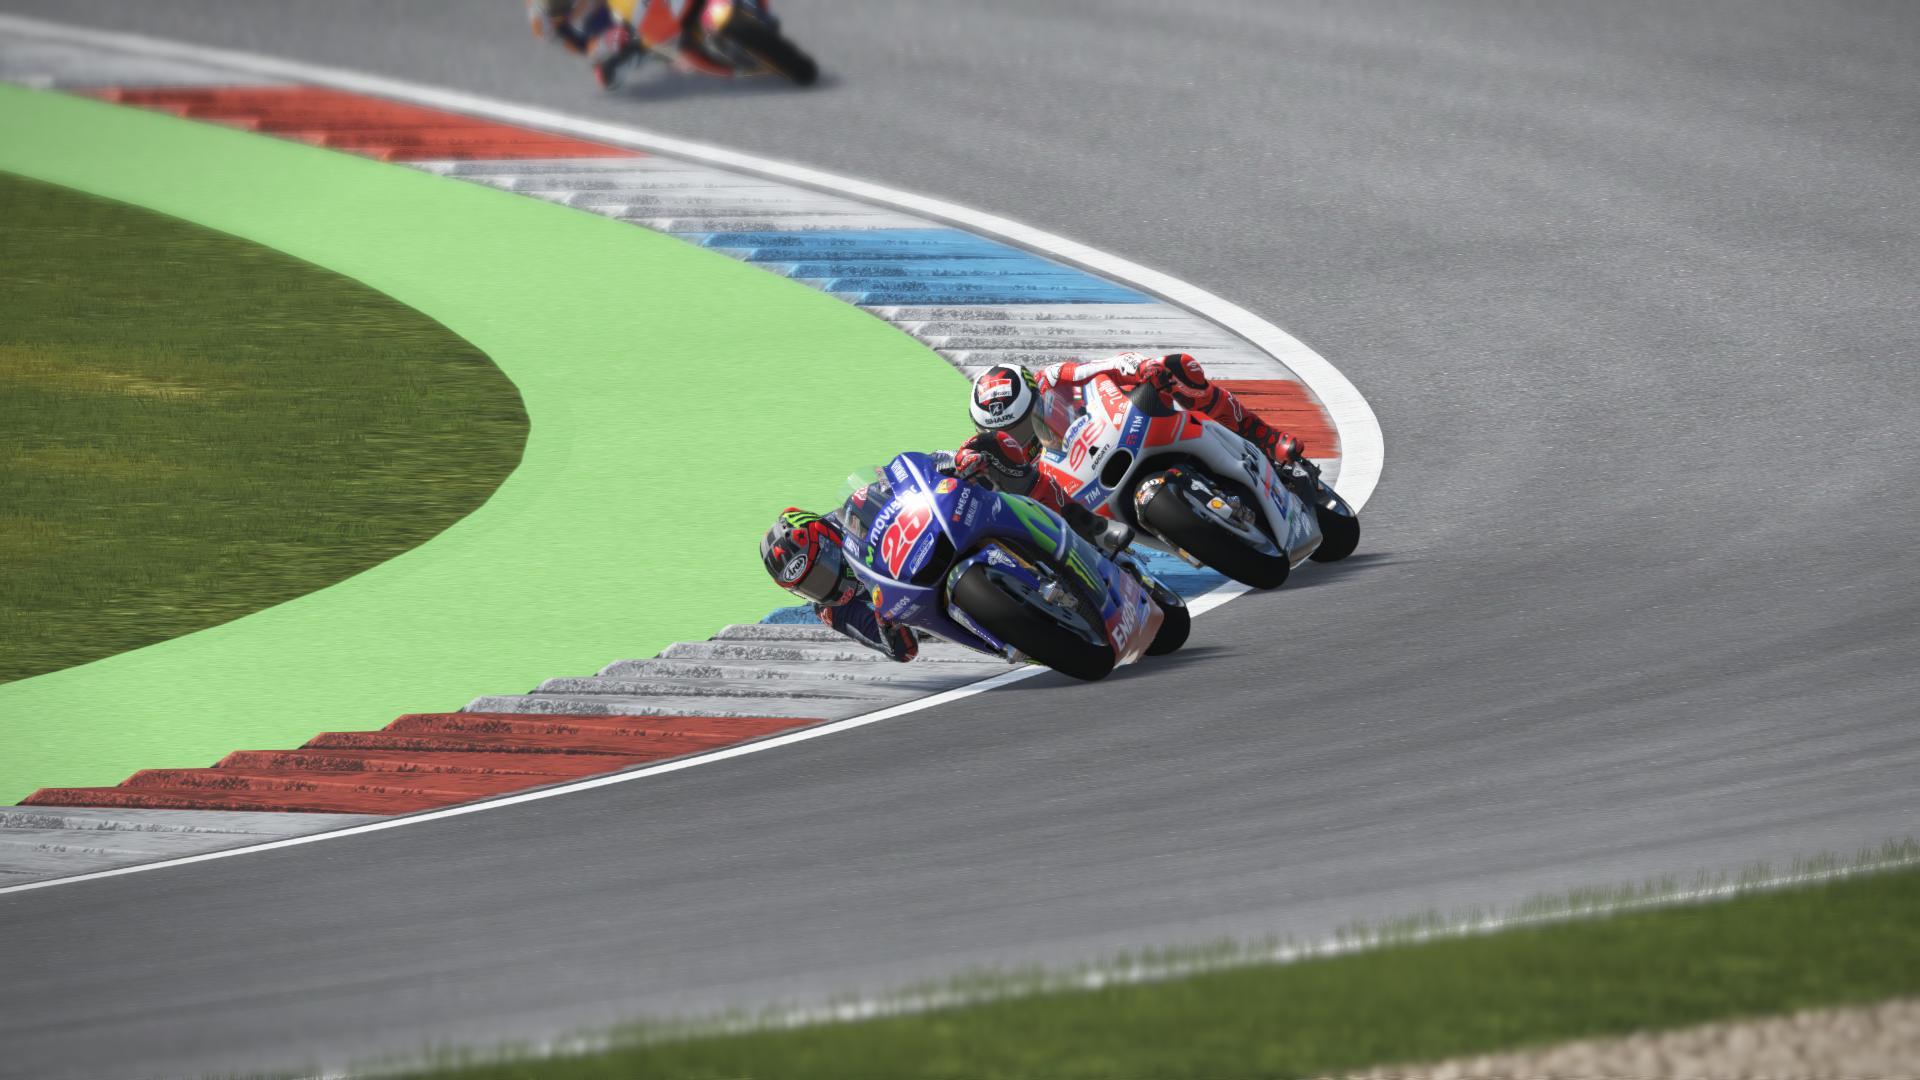 MotoGP17 2017-06-18 18-04-29-45.jpg